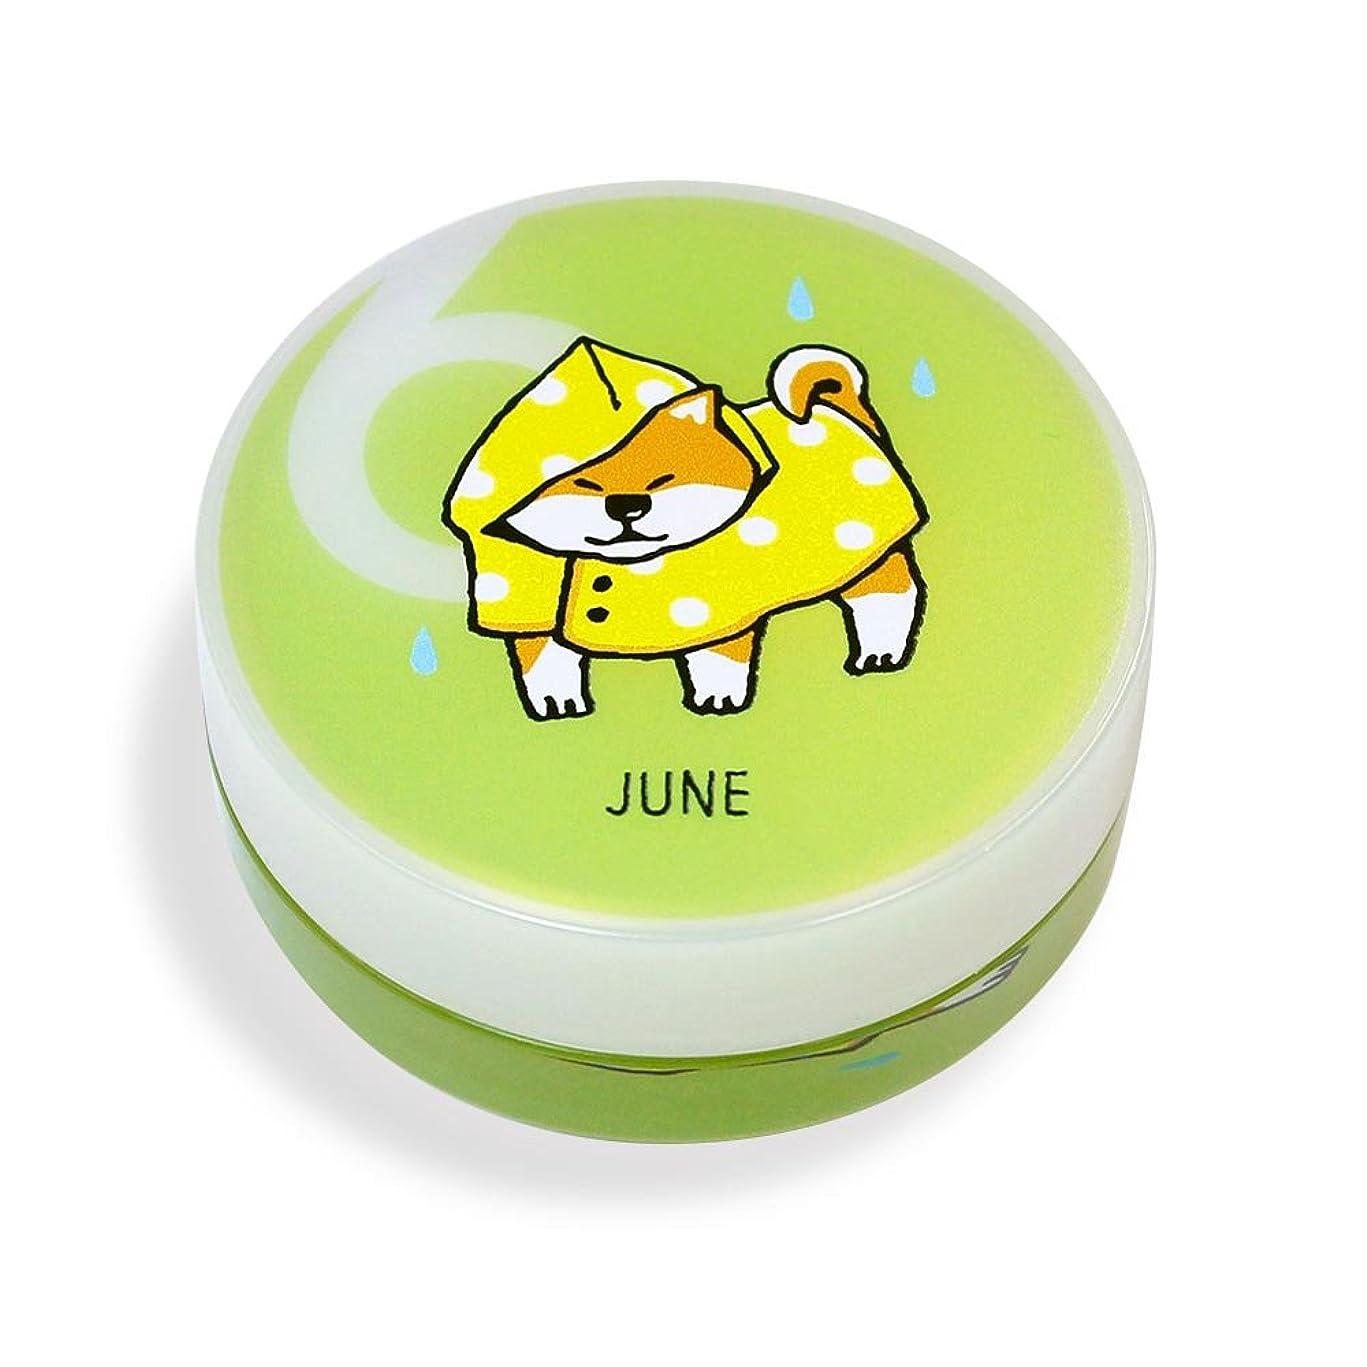 雑草累計おめでとうしばんばん フルプルクリーム 誕生月シリーズ 6月 20g